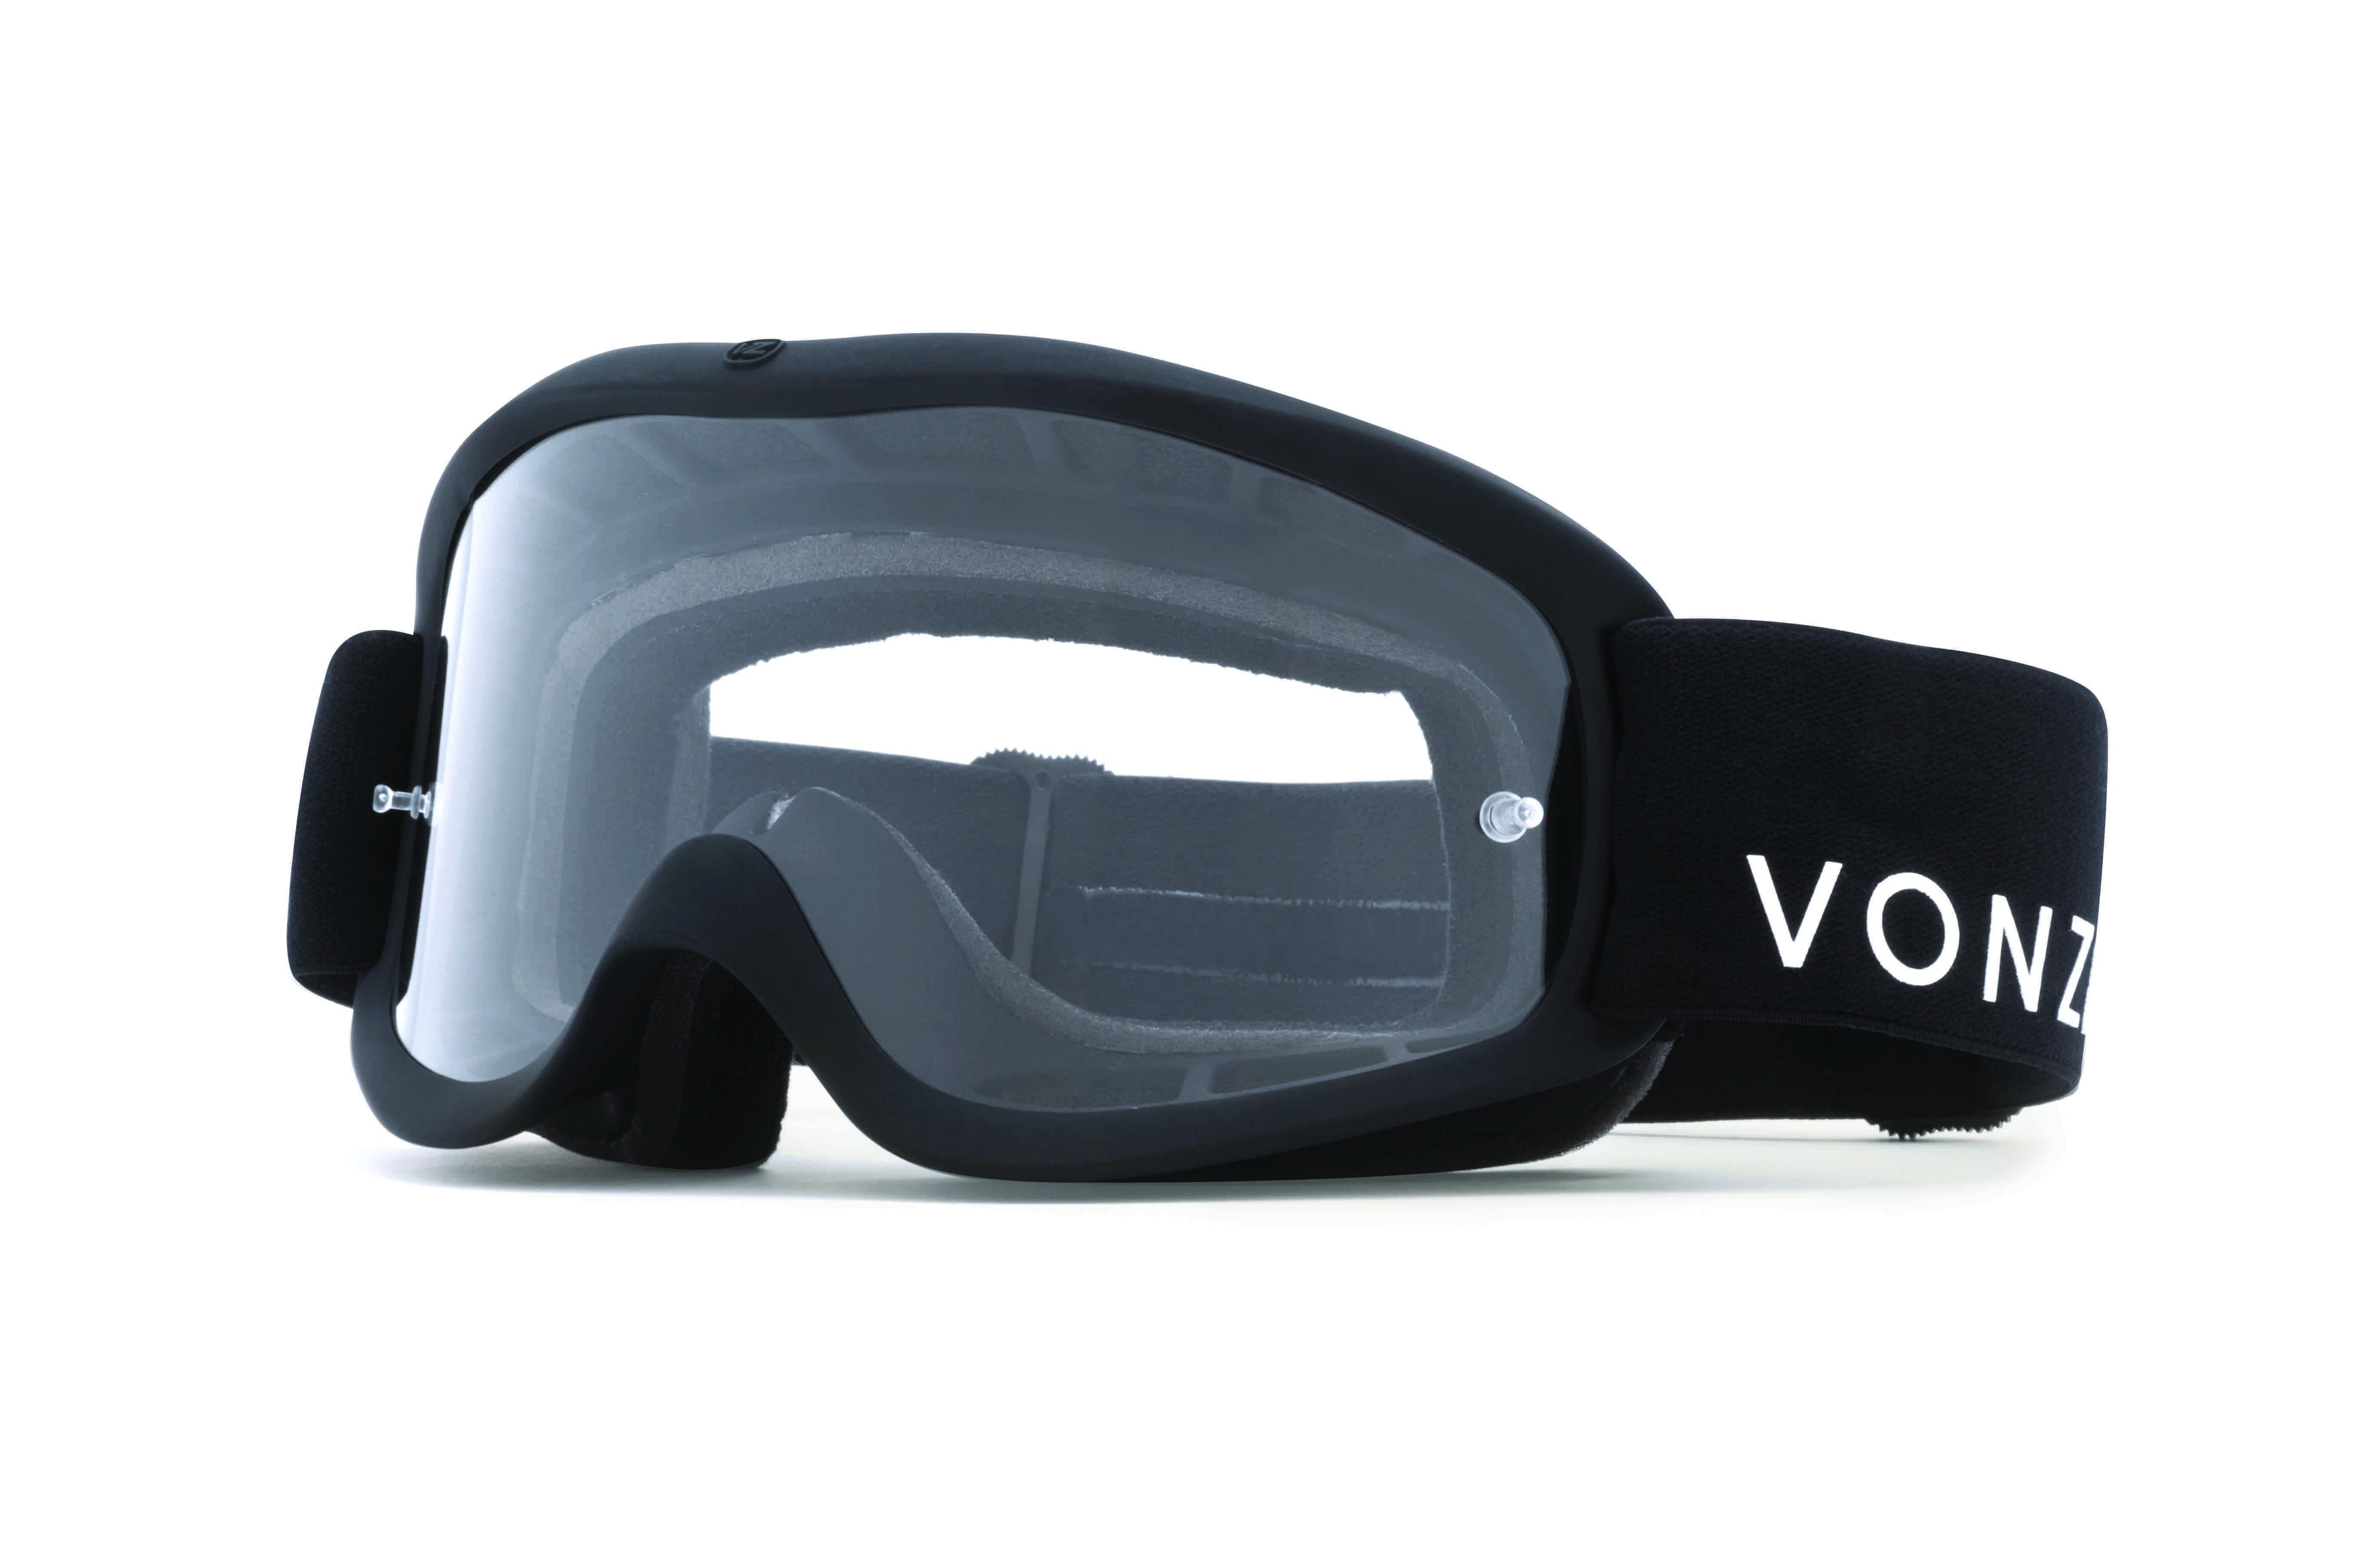 d22aa4b5e9 Photo Gallery  The 2016 VonZipper Motocross goggle ...